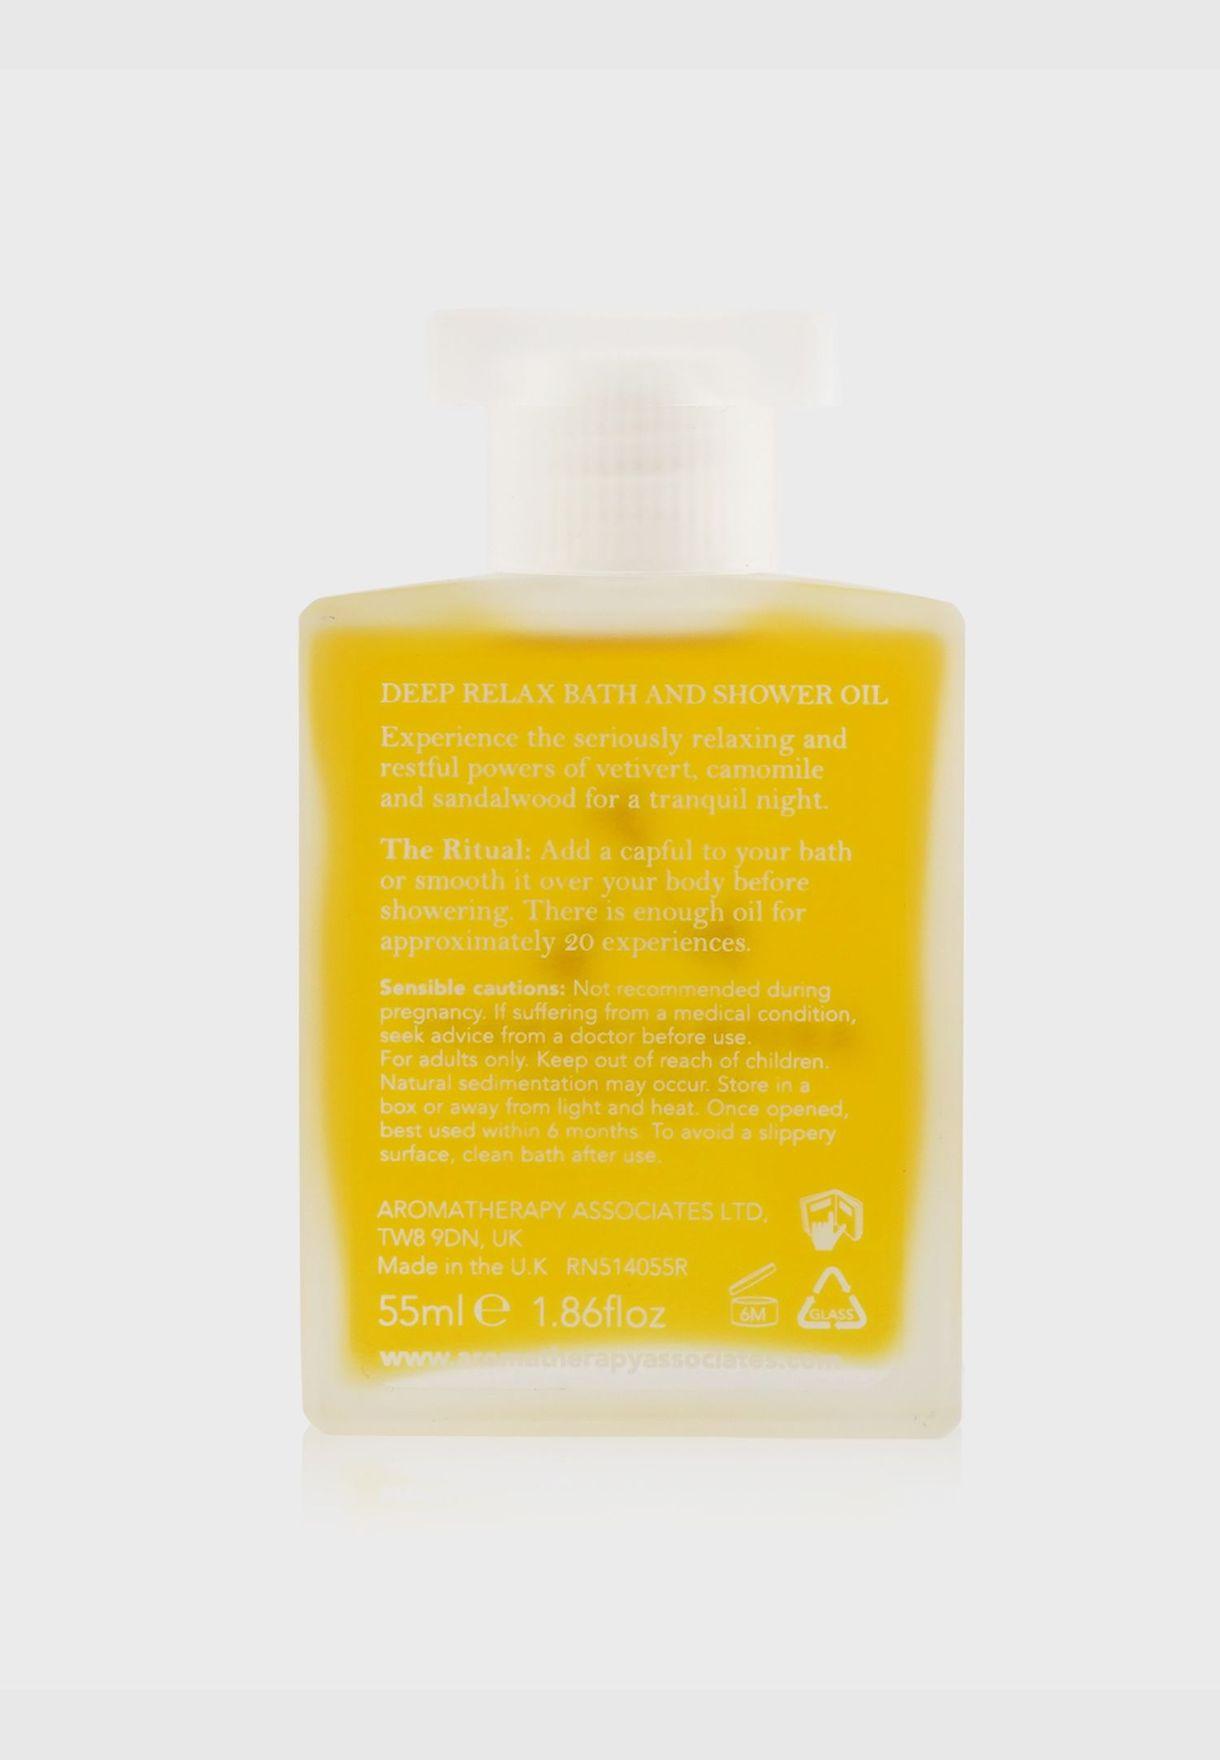 Relax - Deep Relax Bath & Shower Oil